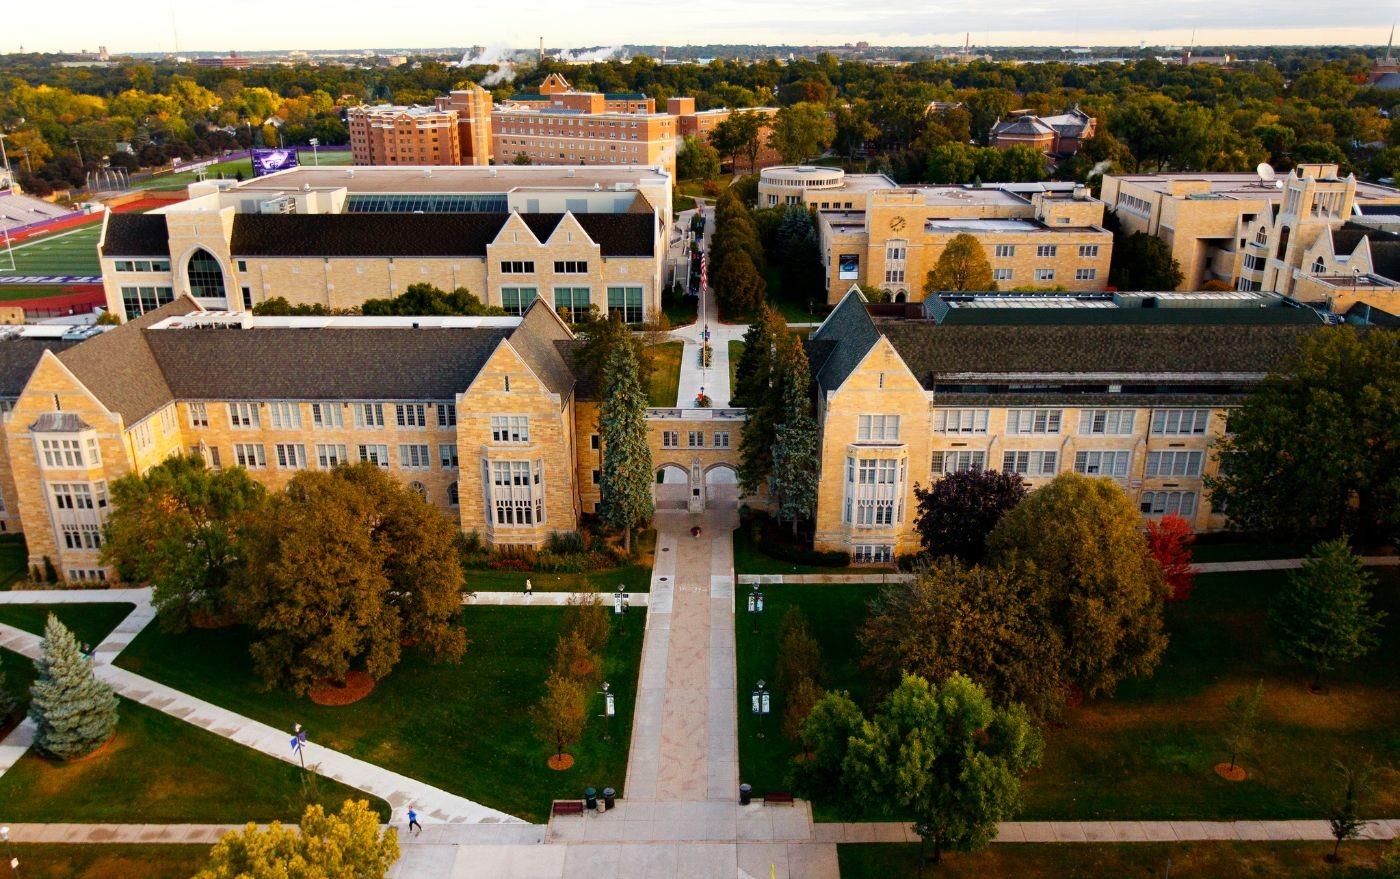 Săn học bổng lên tới 70% cùng đại học số 1 bang Minnesota - UNIVERSITY OF ST. THOMAS